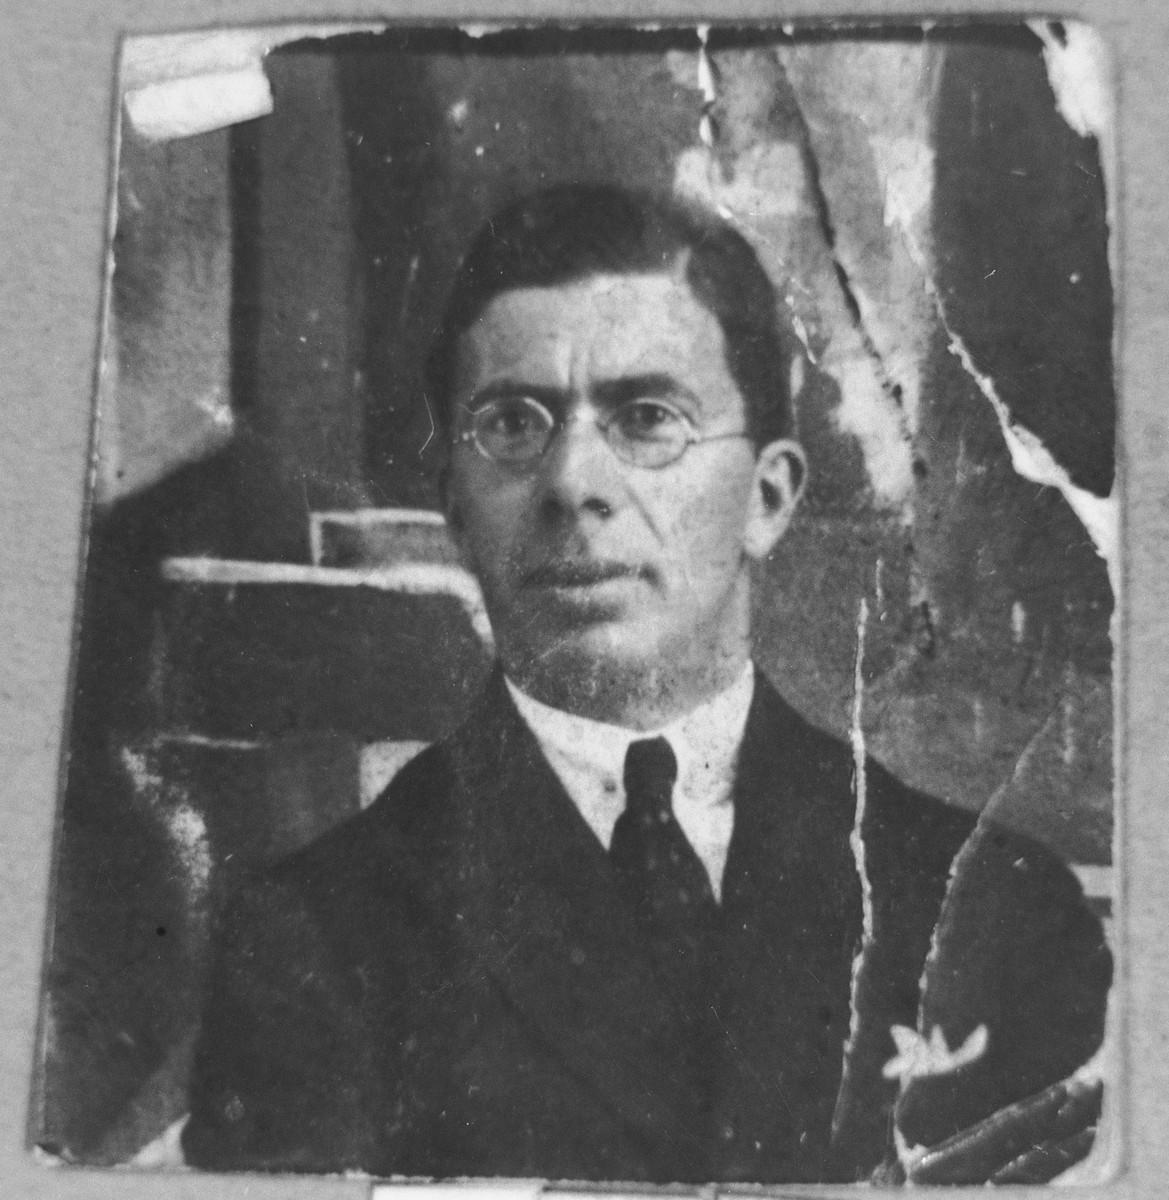 Portrait of Avram Pesso, son of Isak Pesso.  He lived at Zvornitska 23 in Bitola.